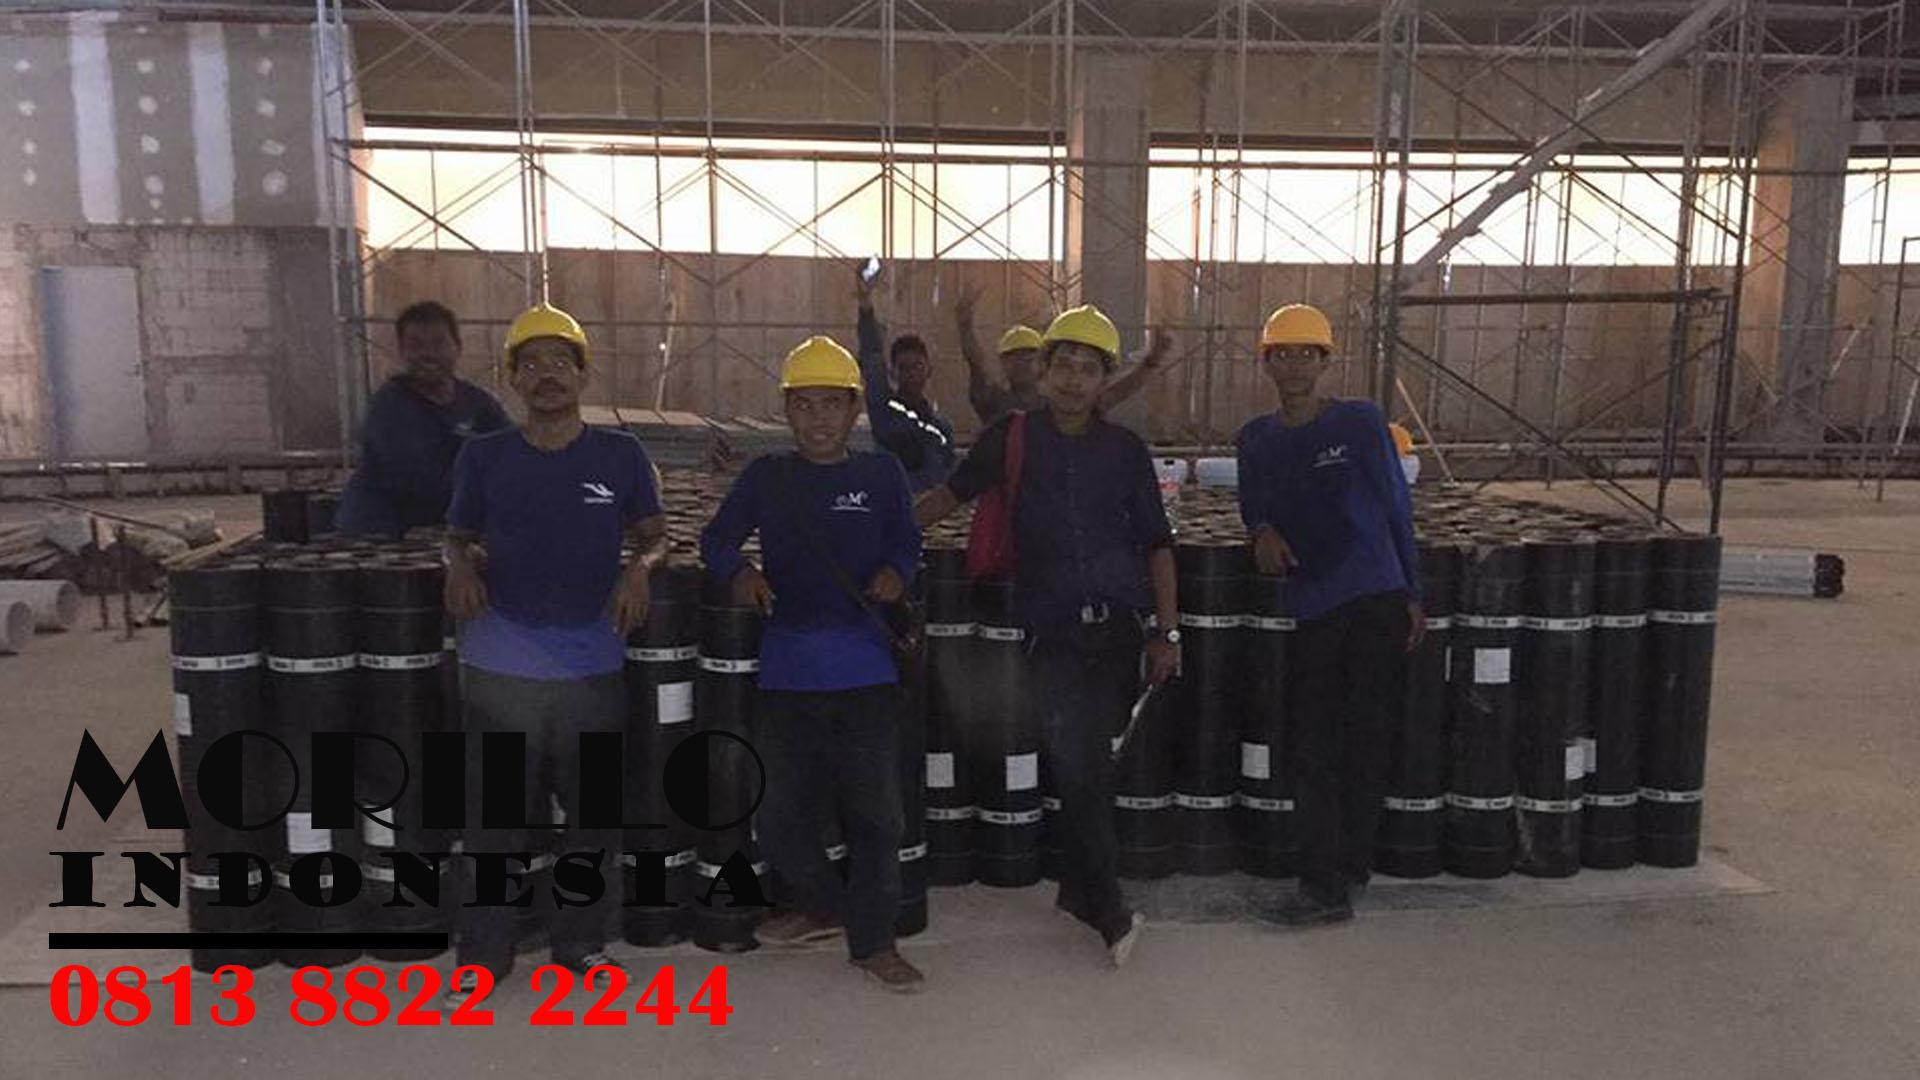 DISTRIBUTOR WATERPROOFING MEMBRAN di PALANGKA RAYA WHATSAPP : 0813 8822 2244